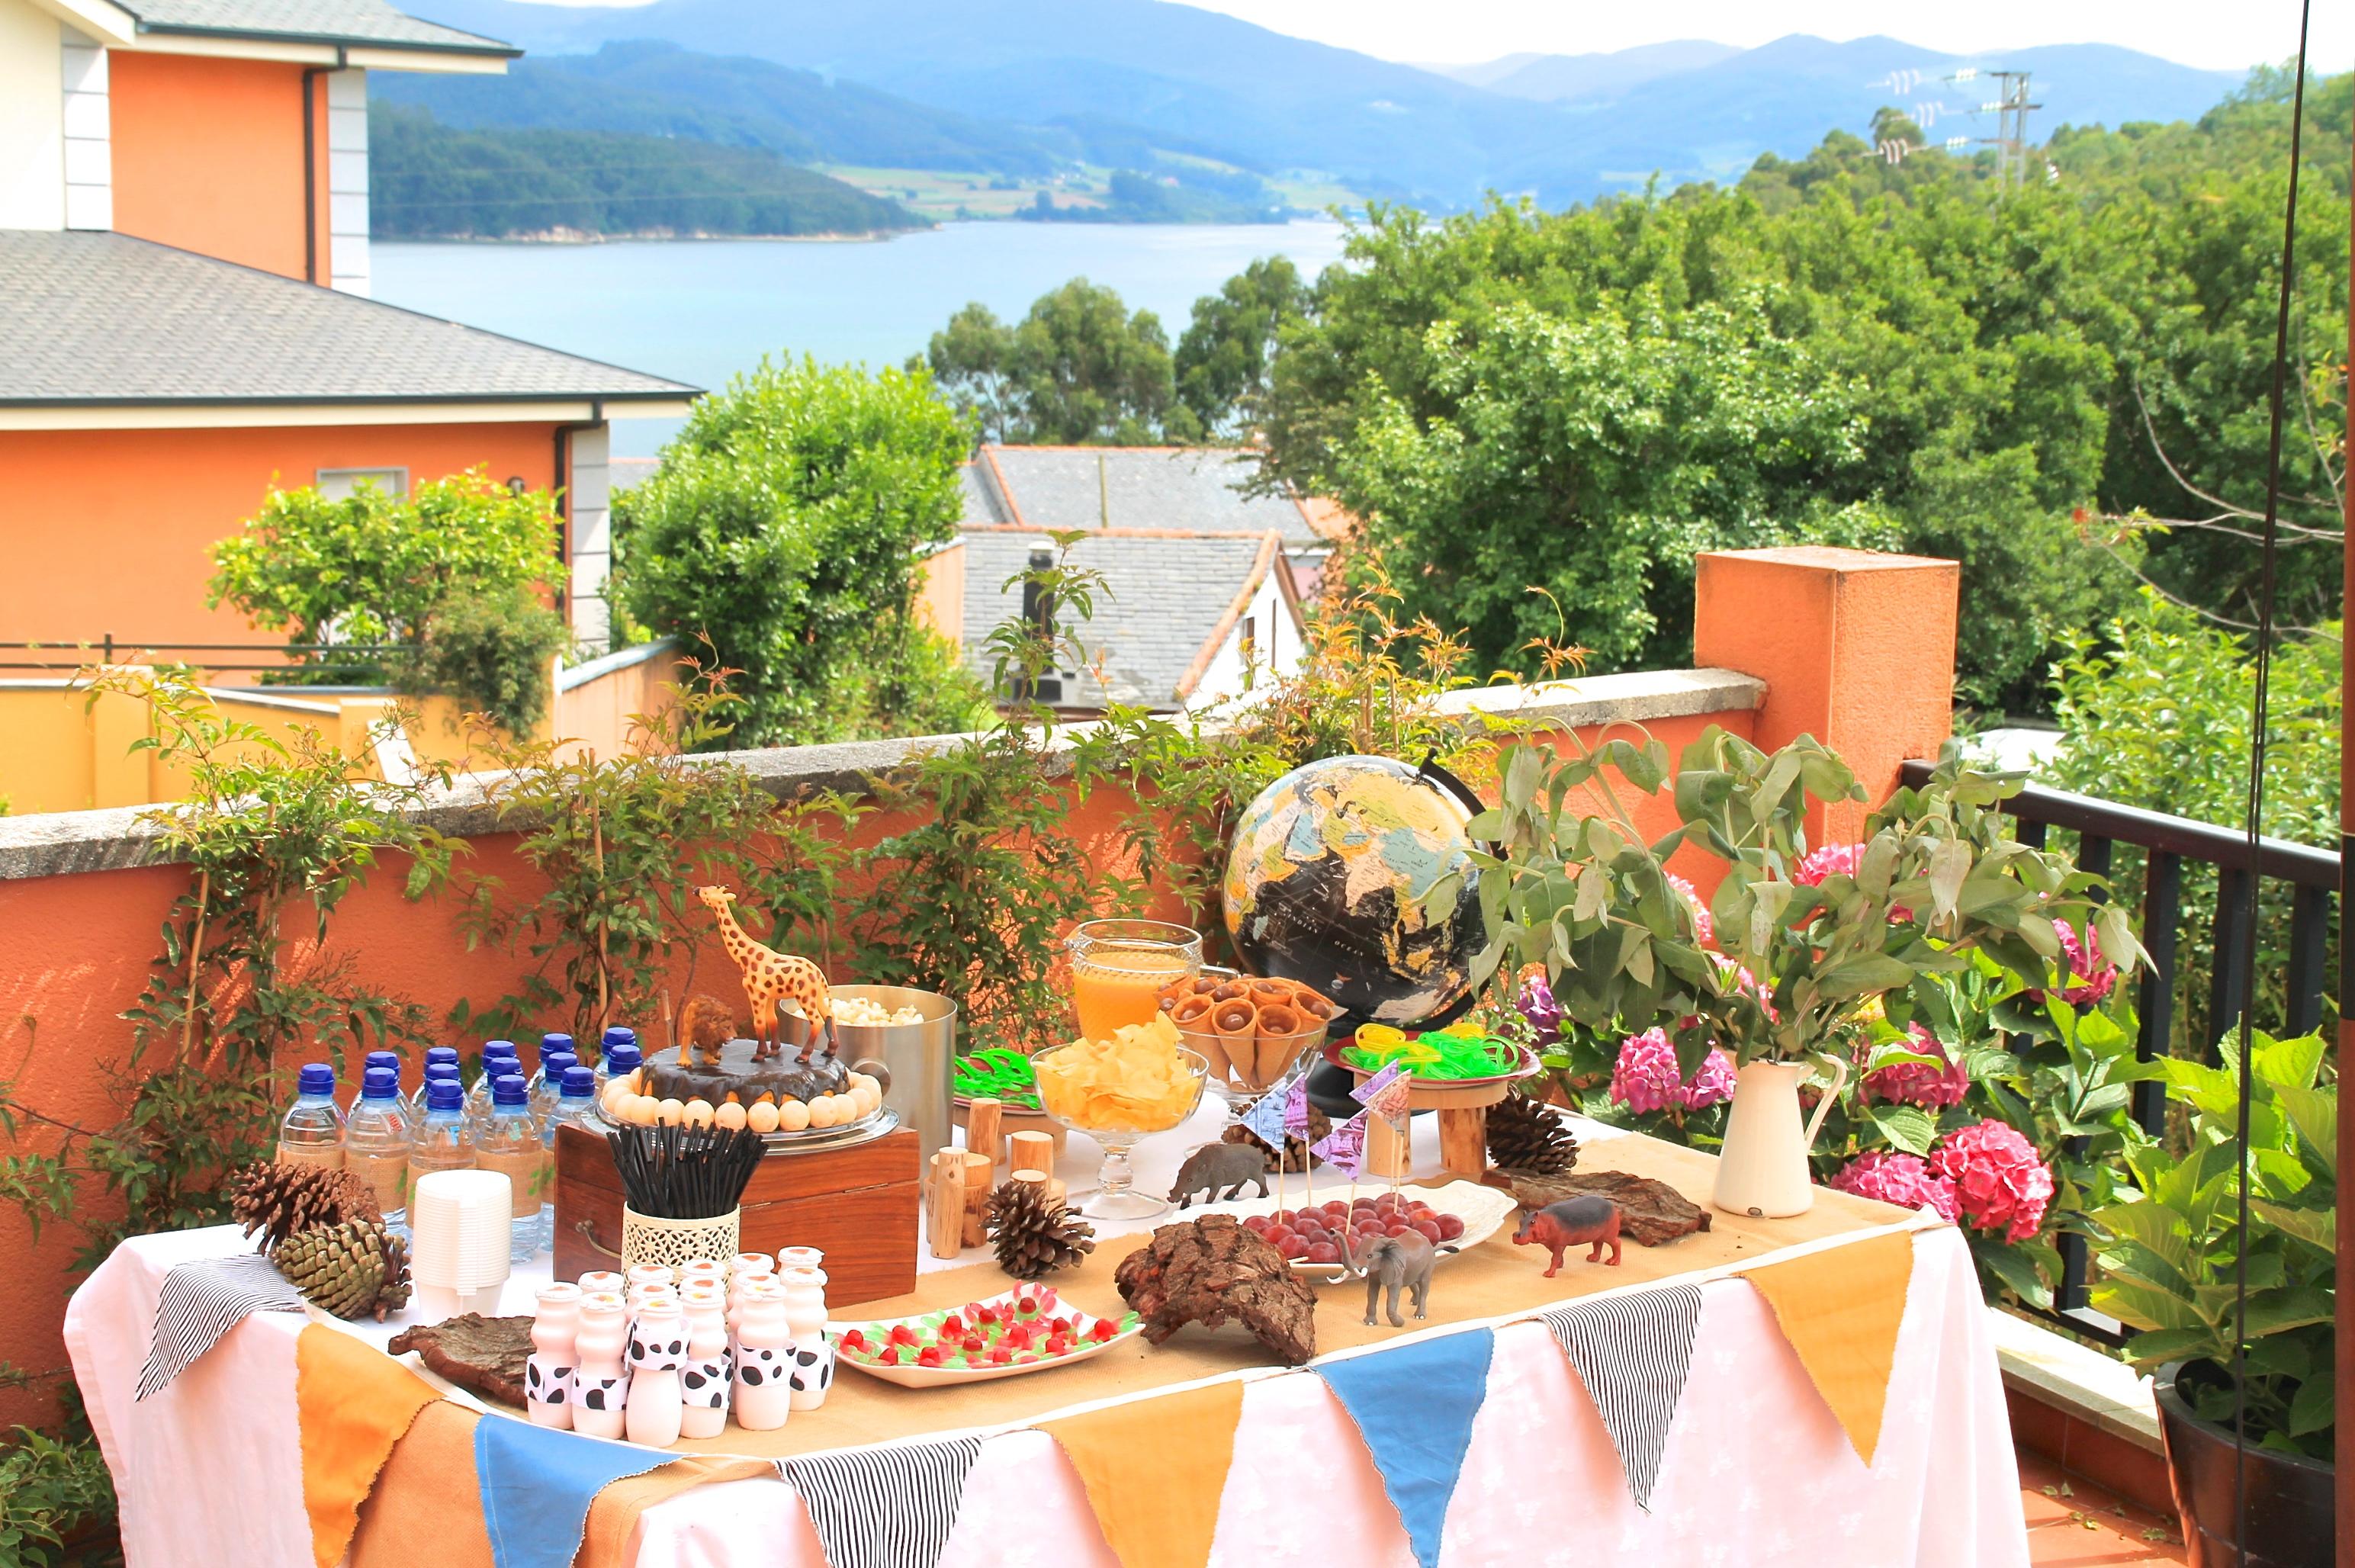 Segundo cumplea os en diez dias una fiesta de exploradores - Como adornar una fiesta de cumpleanos ...